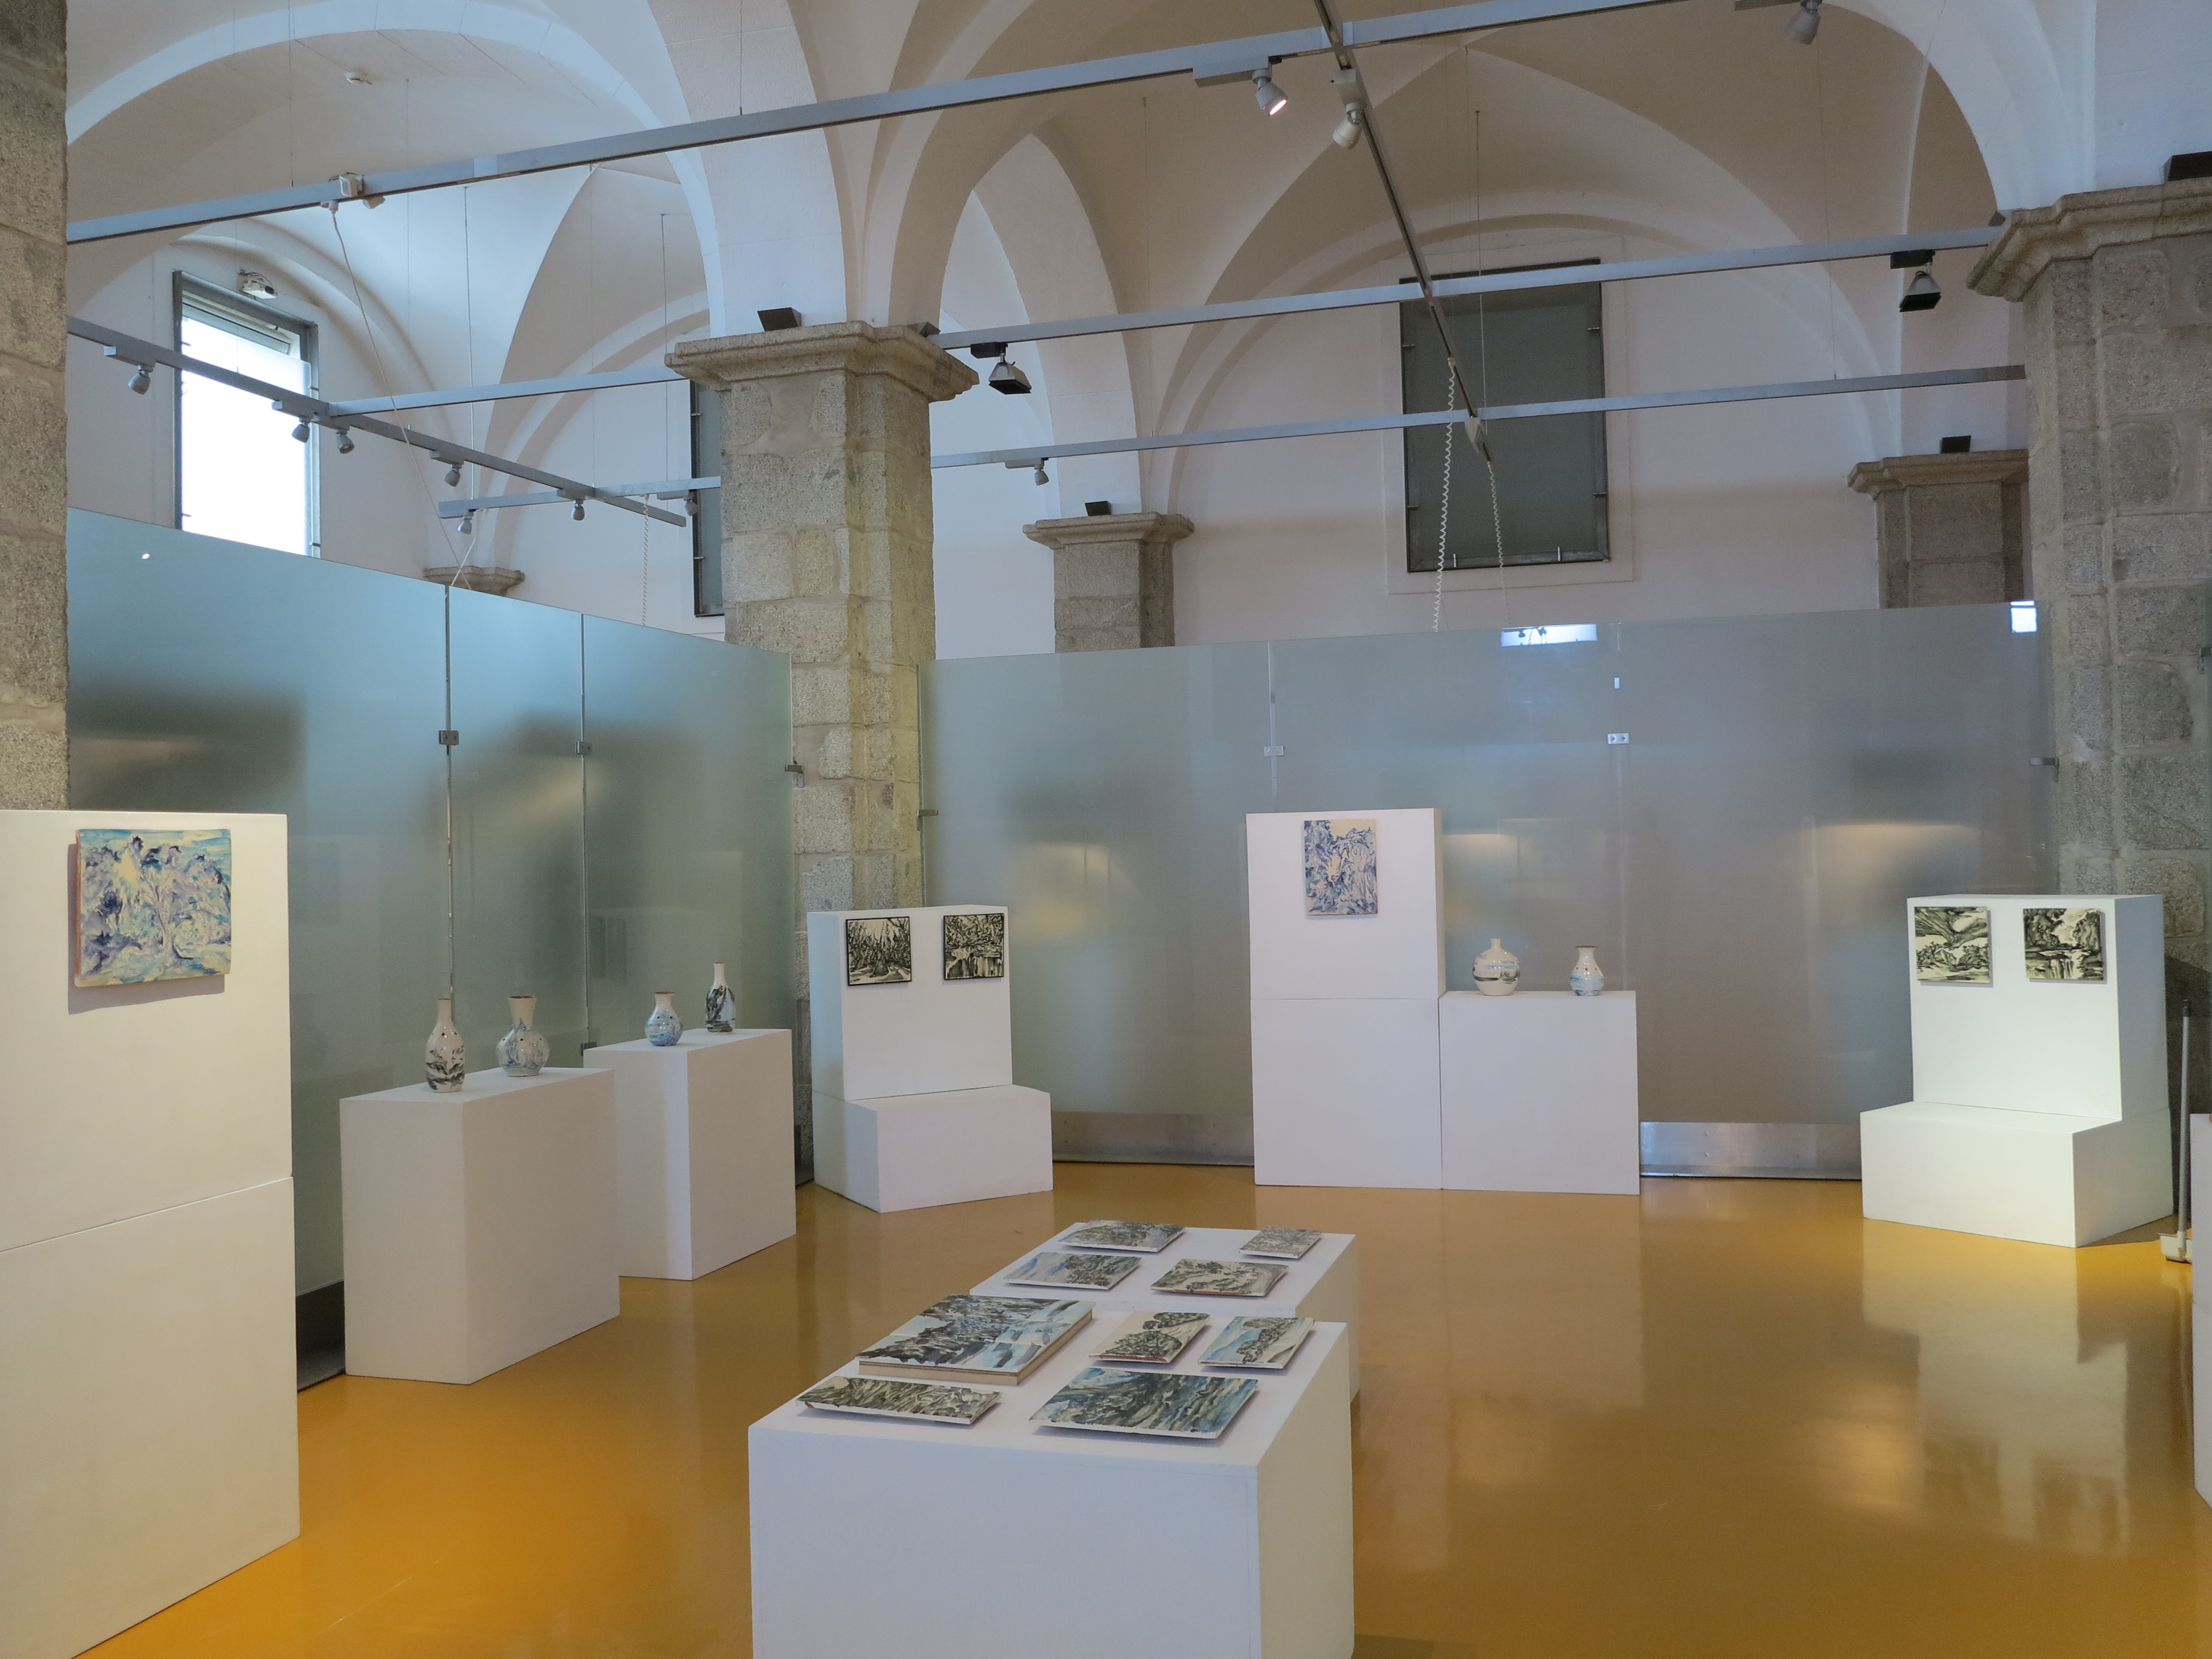 """Solo exhibition """"O azul do Alentejo sob o meu olhar"""", Museu do Artesanato e do Design, Ėvora, Portugal (2015)"""